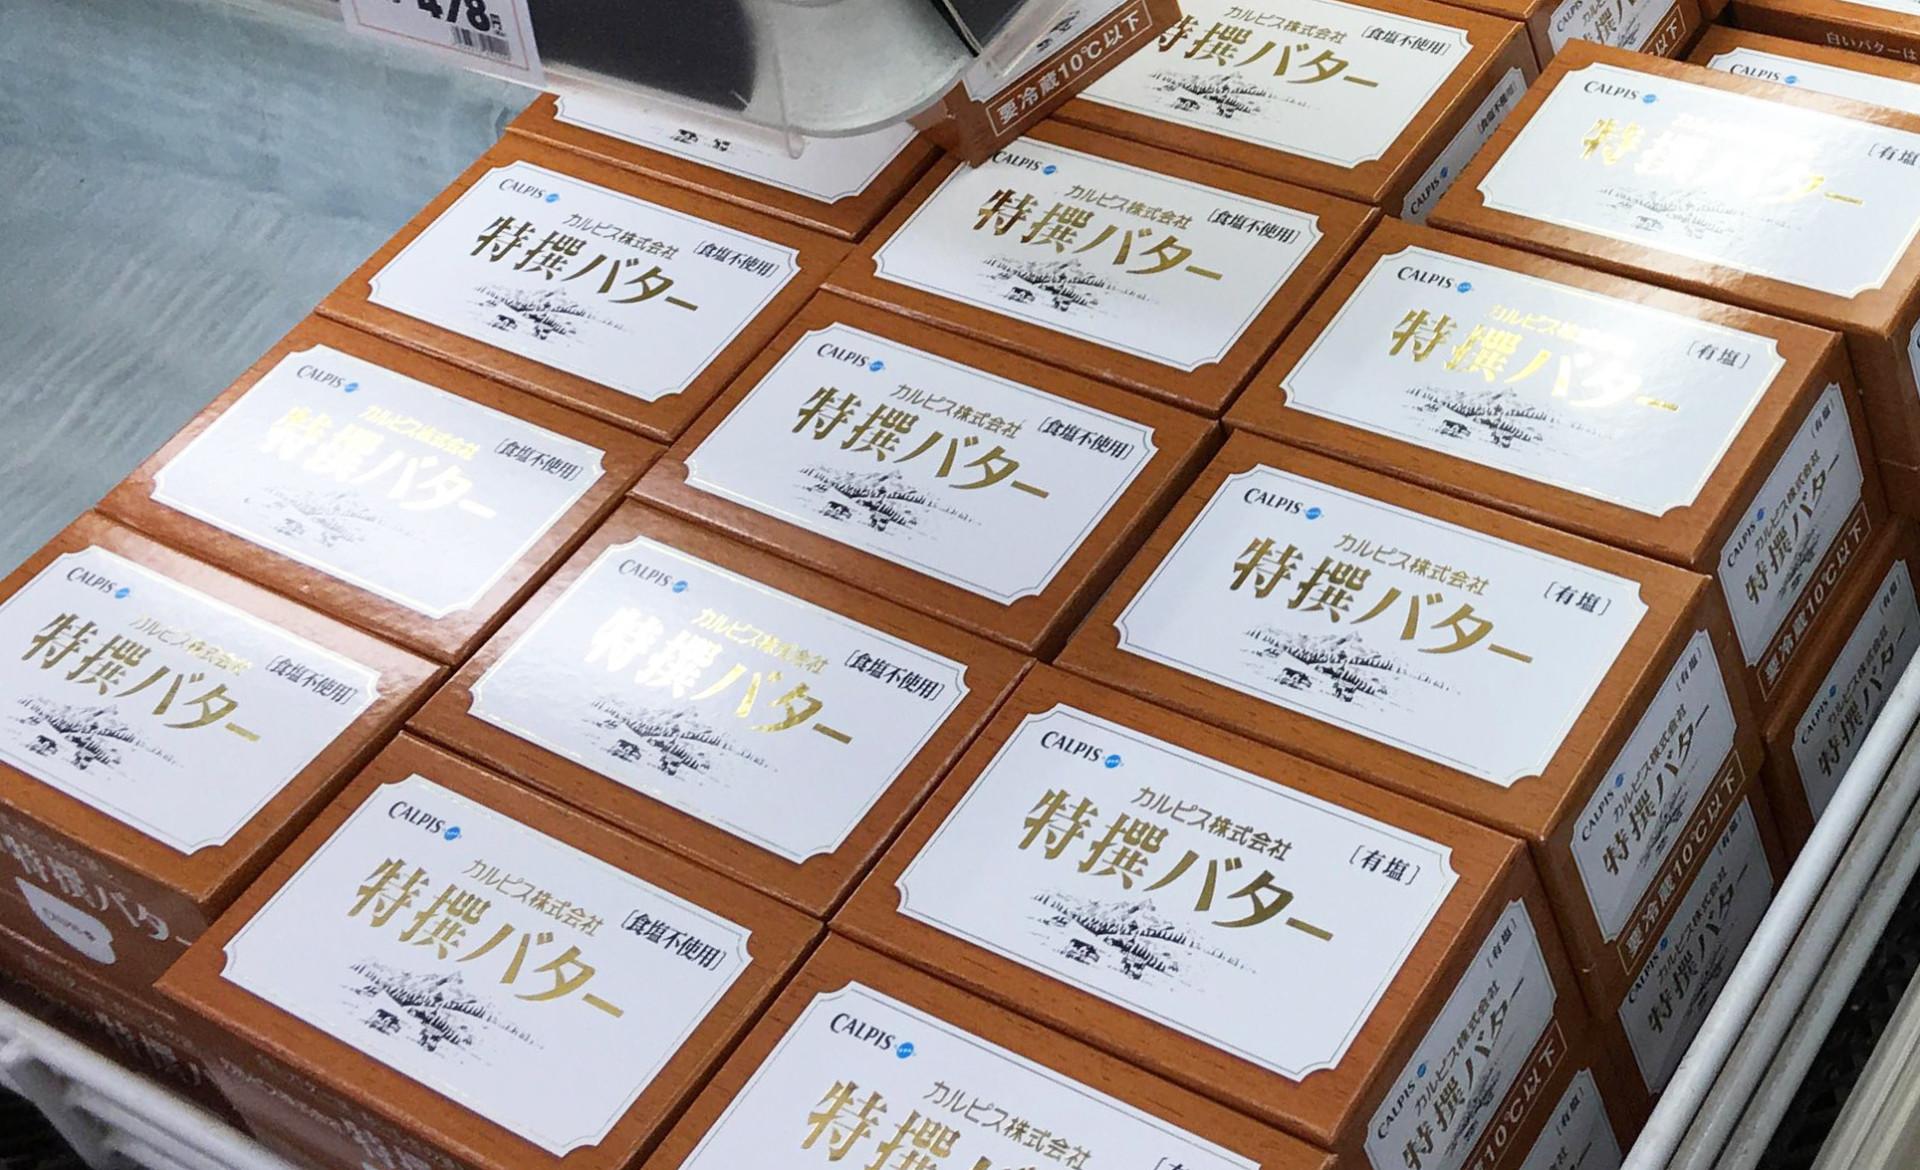 カルピスバター。お値段以上の価値あり。1,620円(有塩・450g)、1,690円(無塩・450g)